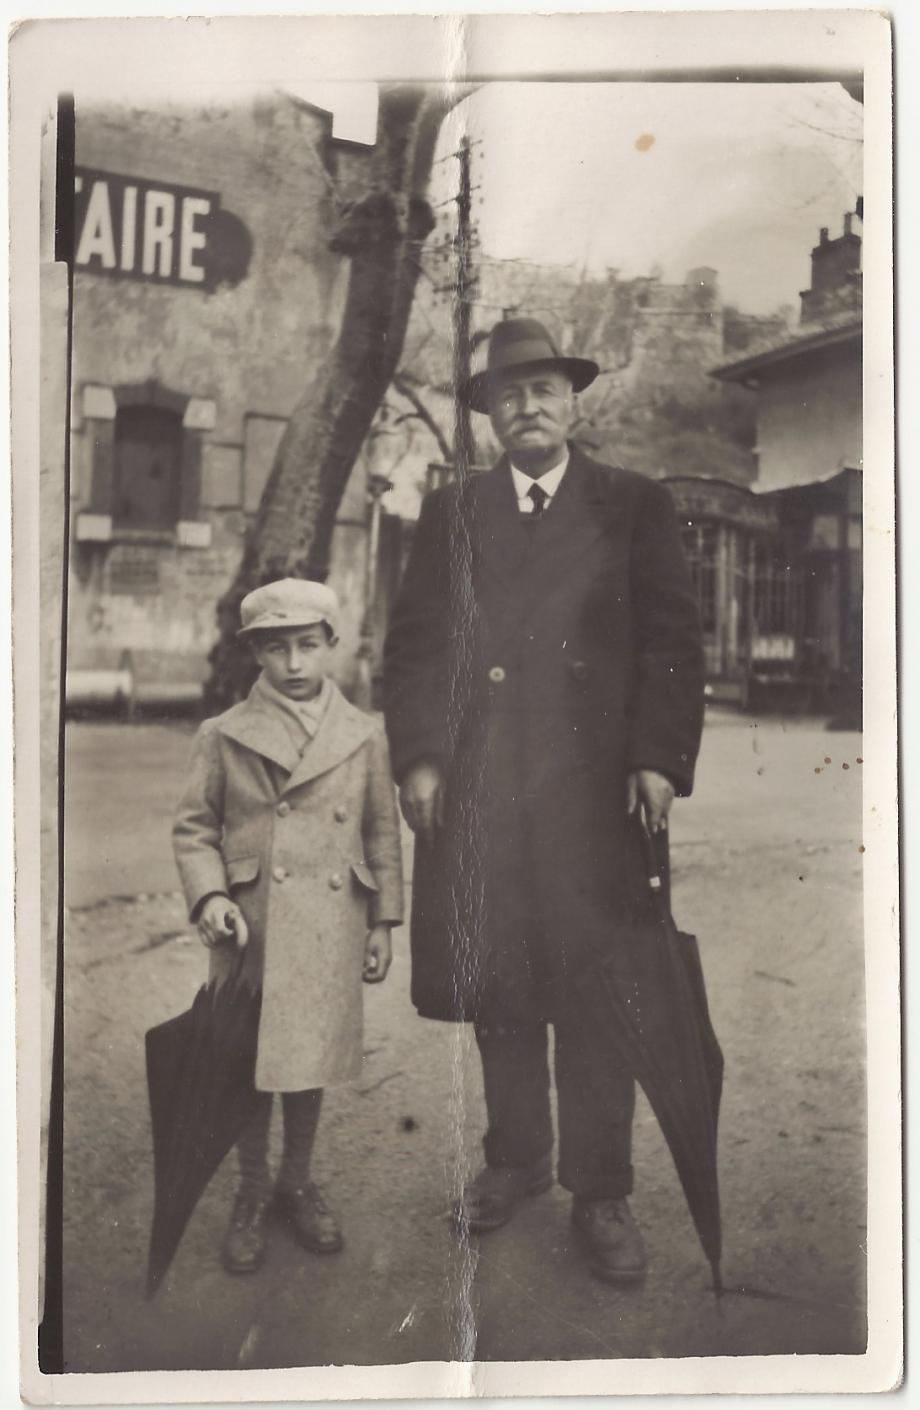 Andre melmoux avec son grand-pere Regis Melmoux a la foire des rameaux a grenoble-1935 ou 36.jpg